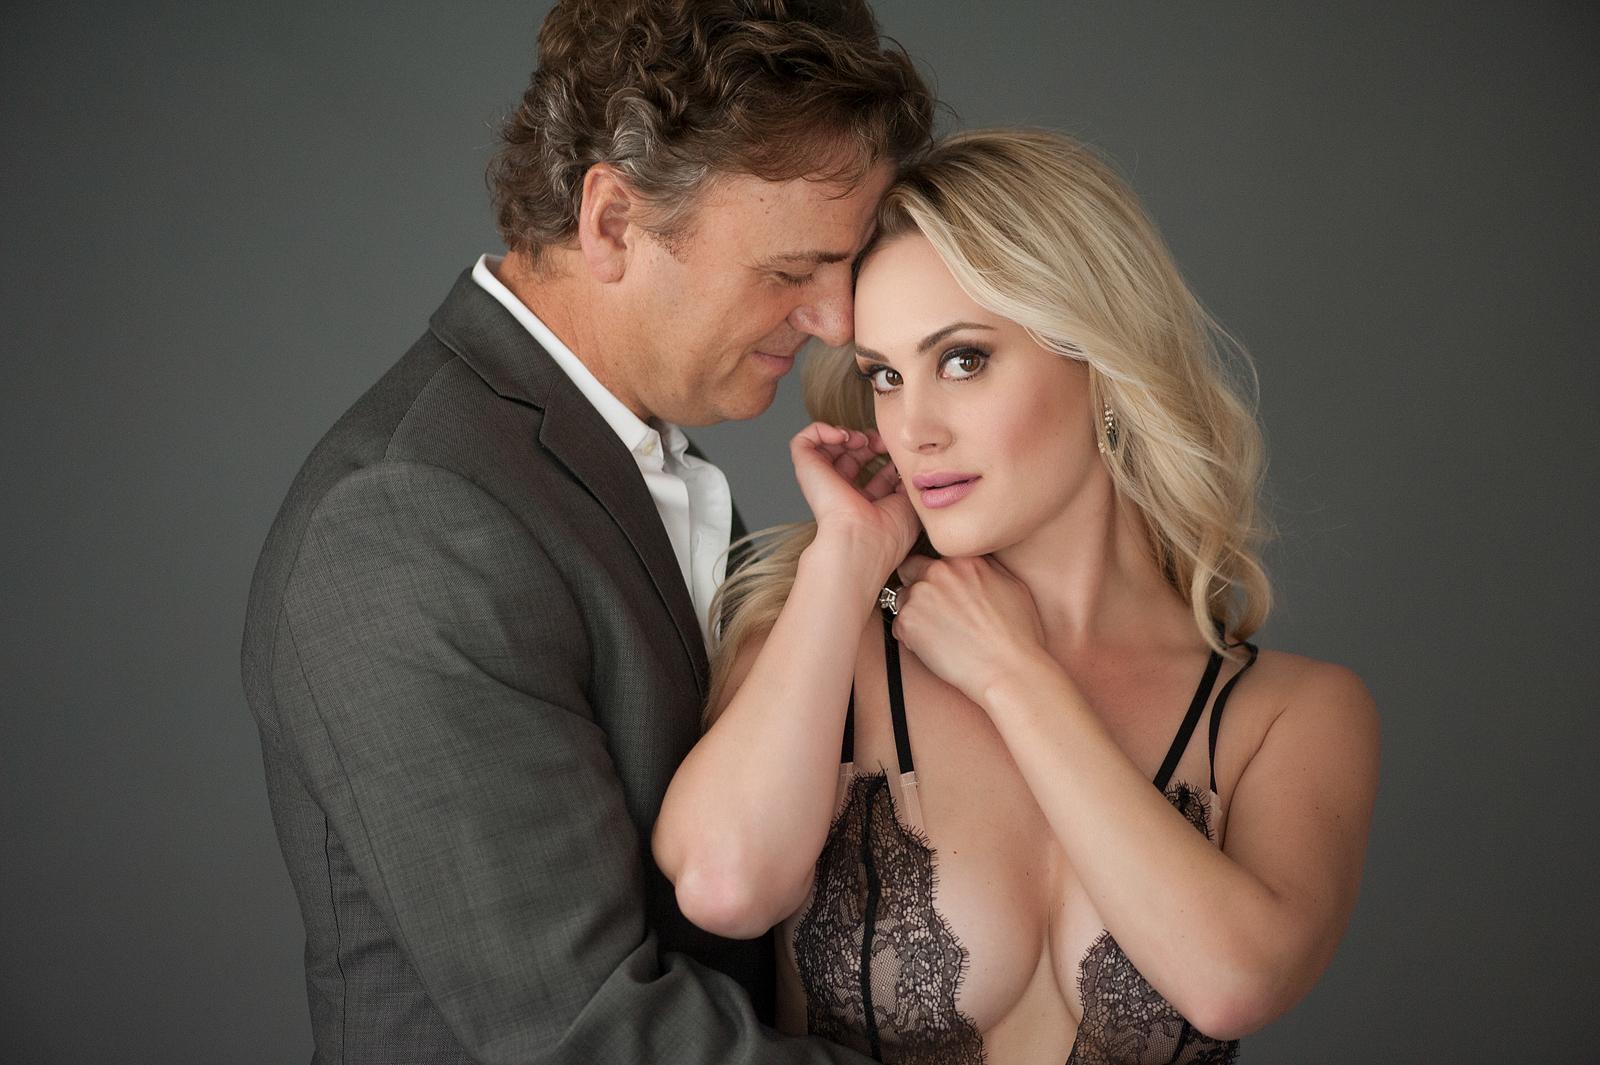 9b-sexy-couple-intimate-portrait-suit-lingerie-artistic-gorgeous.jpg